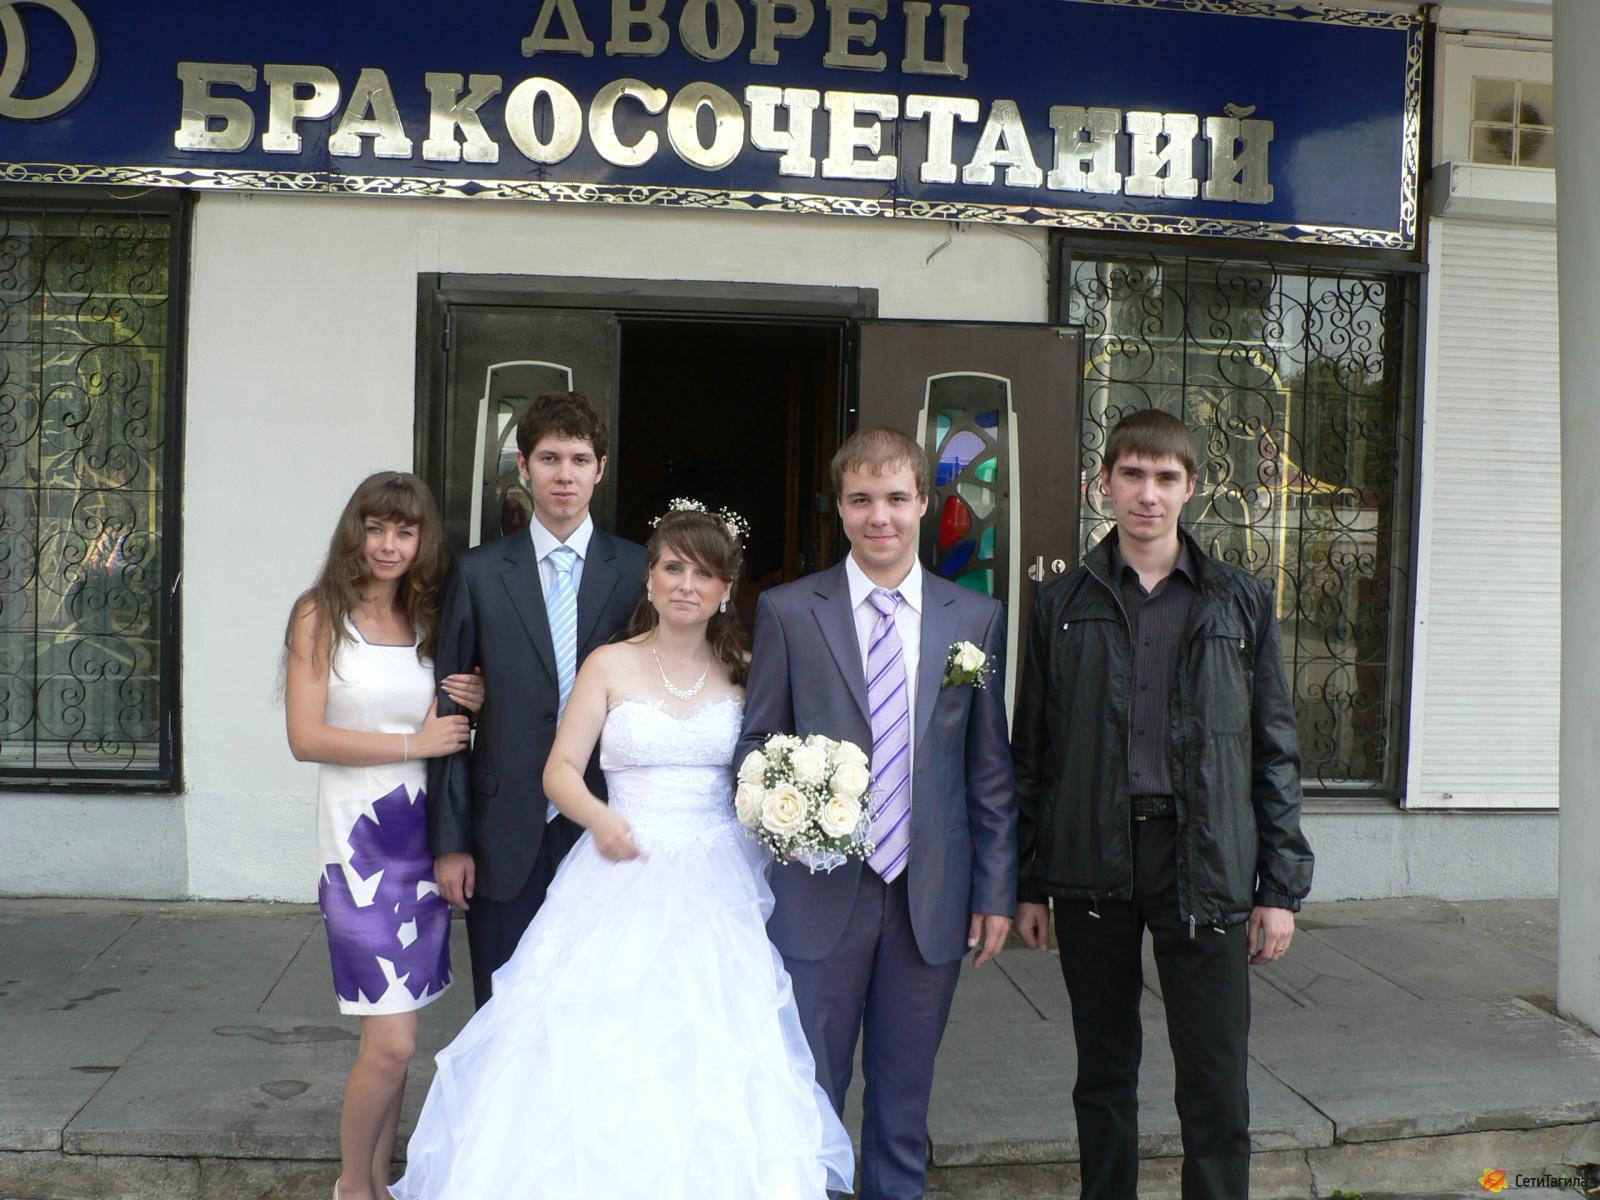 Кристи и Игорь, Таня и Дима, Женька